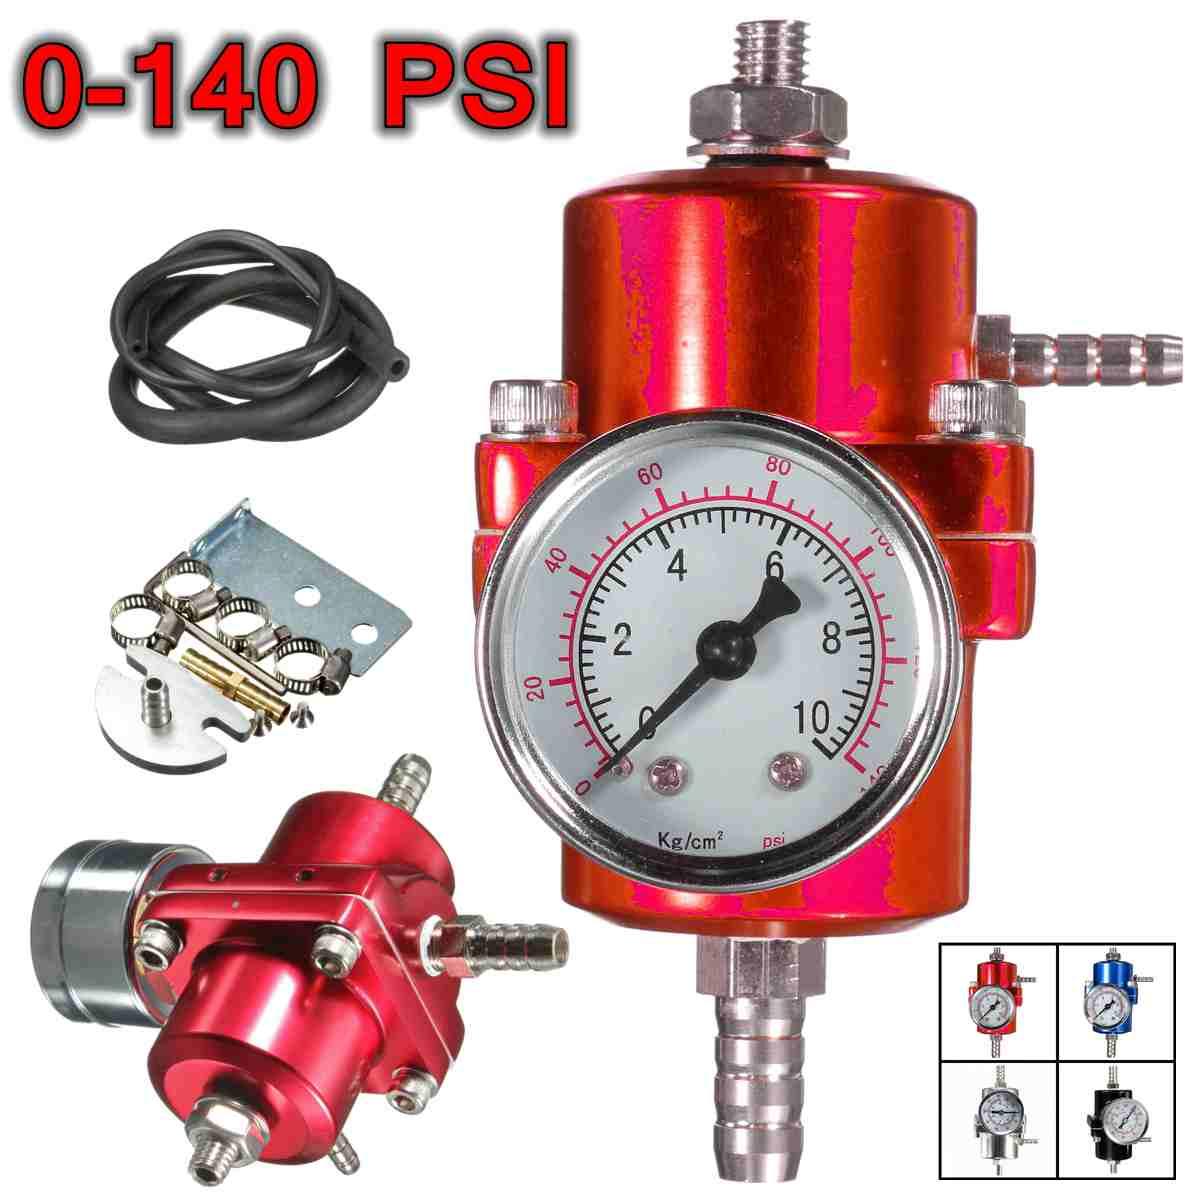 black blue red silver 0-140PSI Universal Car Fuel Pressure Regulator With Gauge Adjustable Oil Pressure Regulator